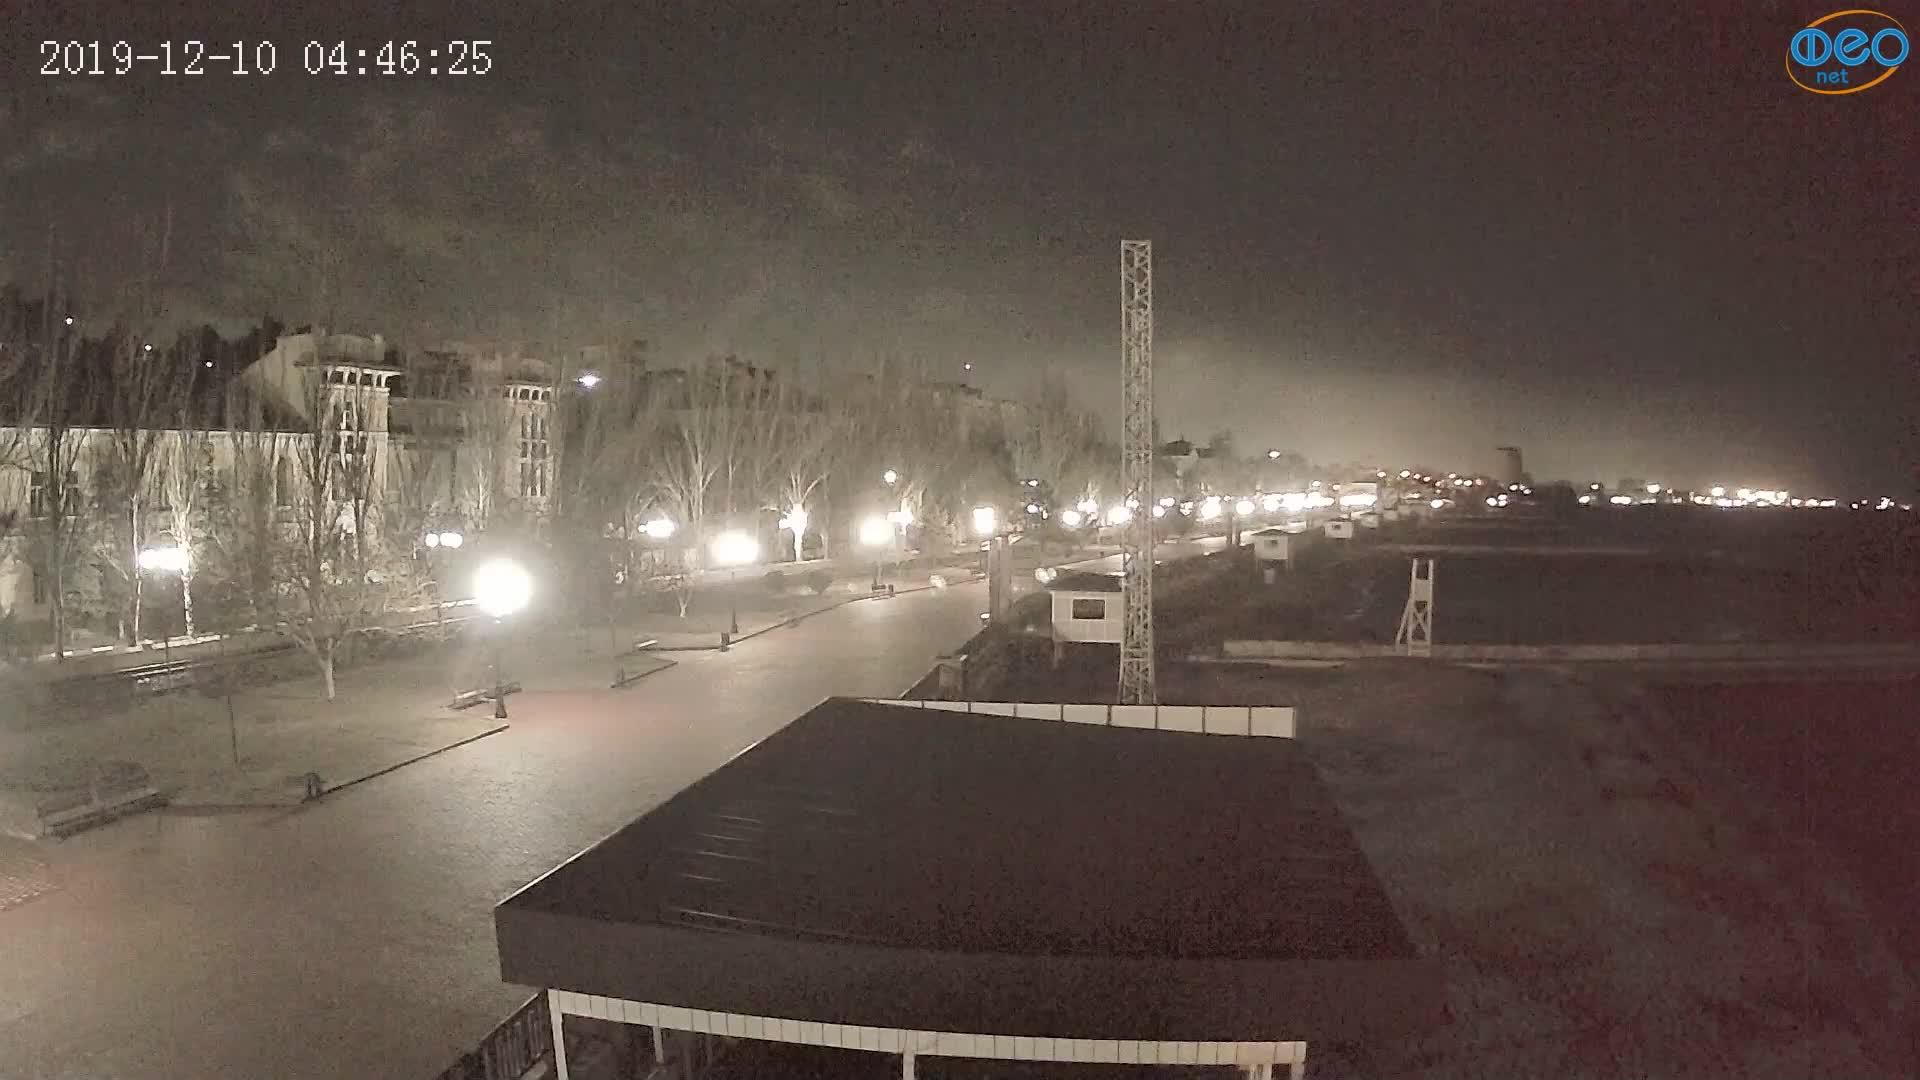 Веб-камеры Феодосии, Пляж Камешки, 2019-12-10 04:46:49